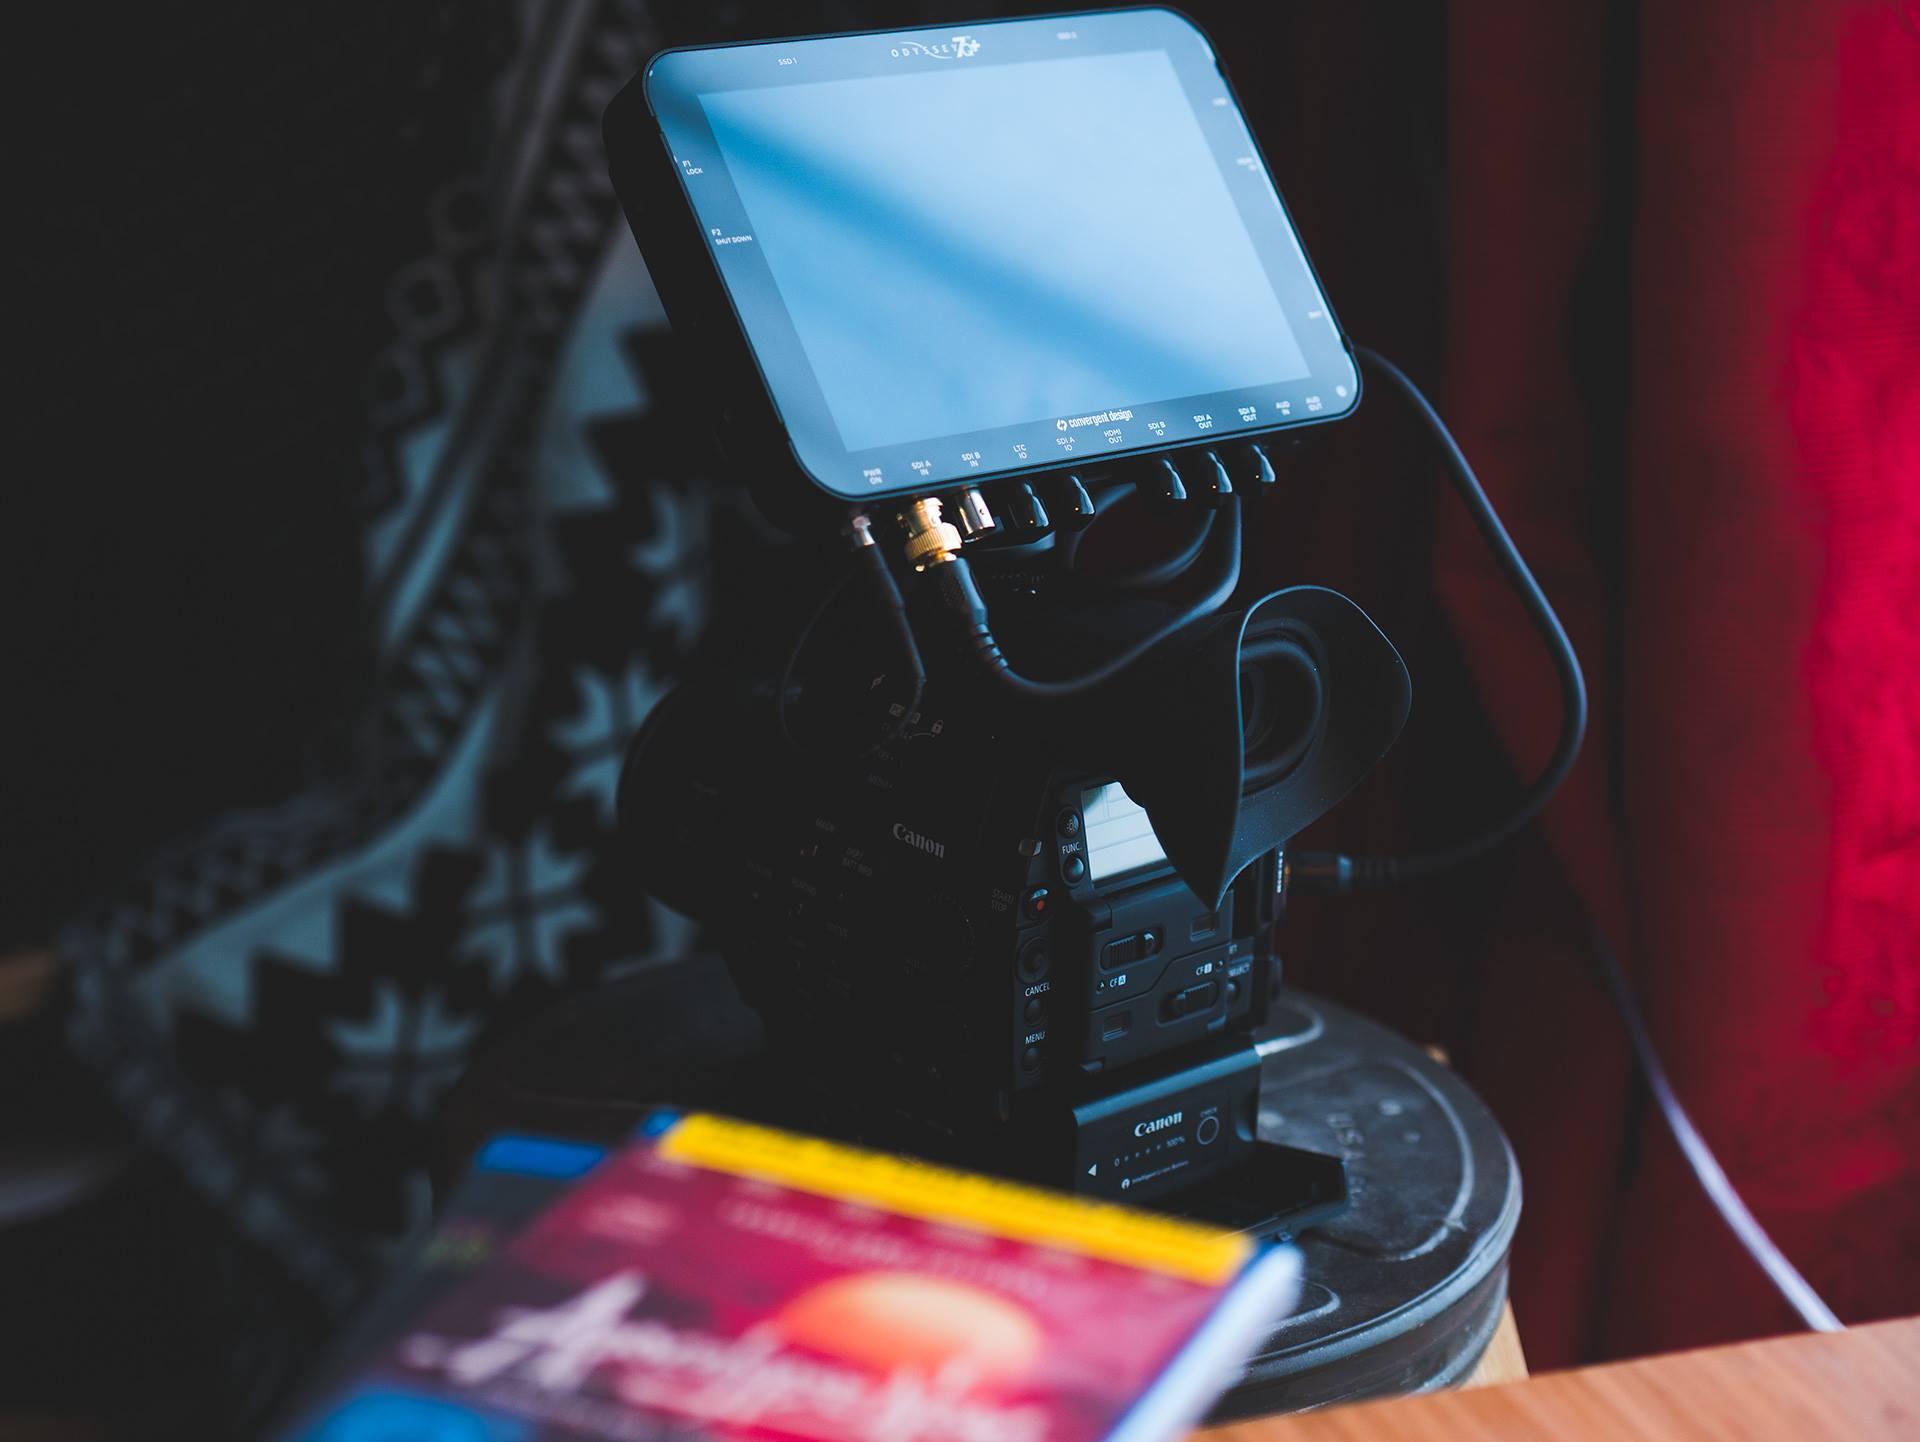 Shootout Blackmagic Video Assist 4k Vs Convergent Design Odyssey 7q Eoshd Com Filmmaking Gear And Camera Reviews